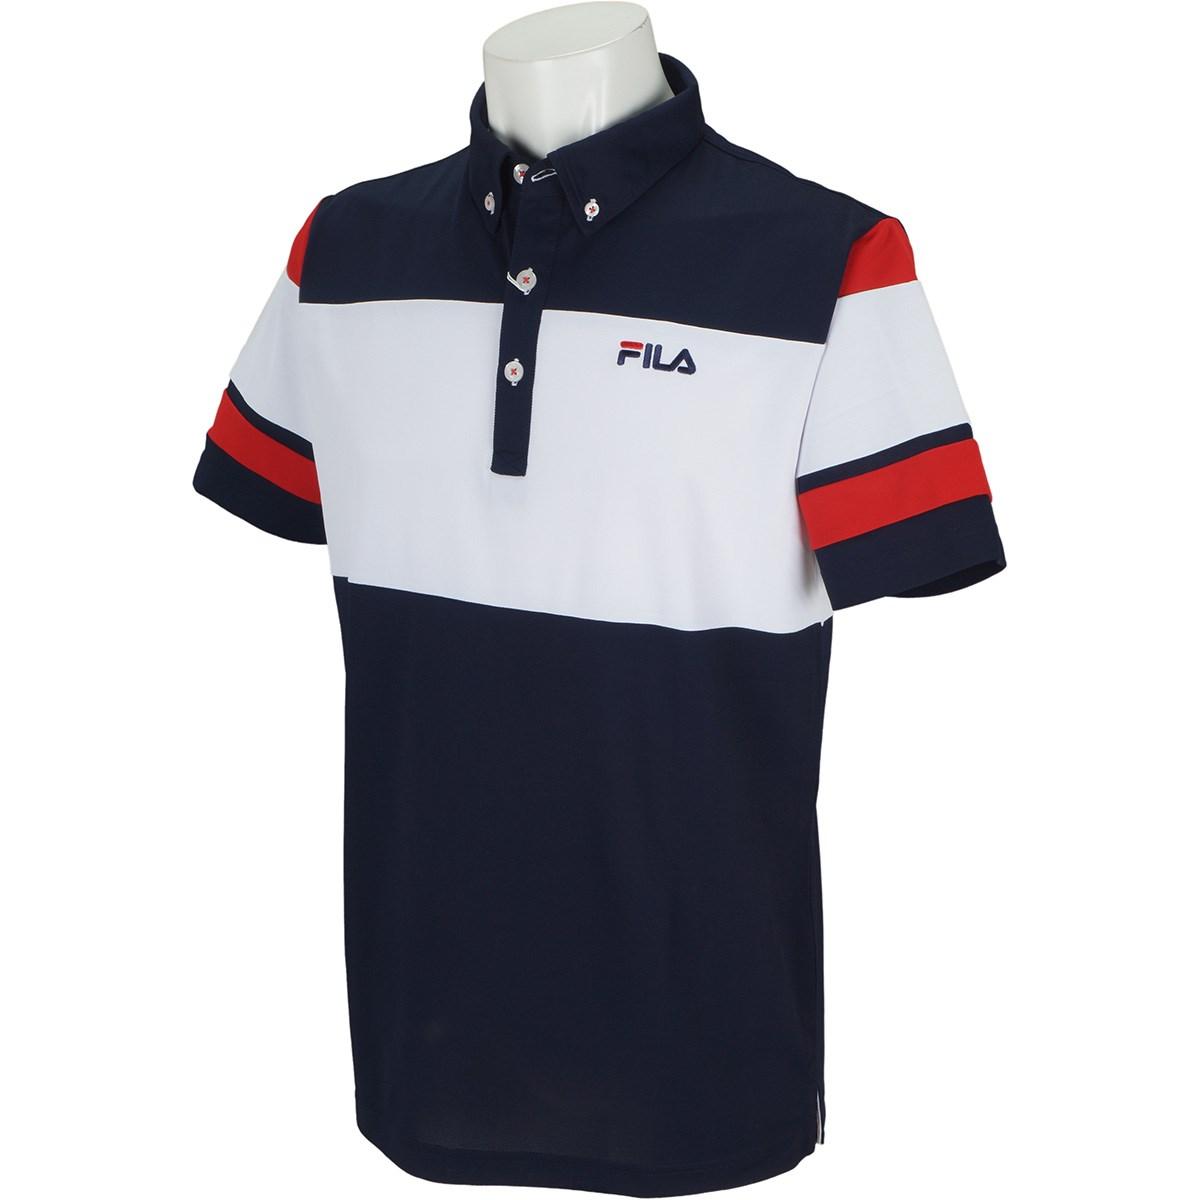 フィラ FILA 半袖ボタンダウンポロシャツ M ネイビー